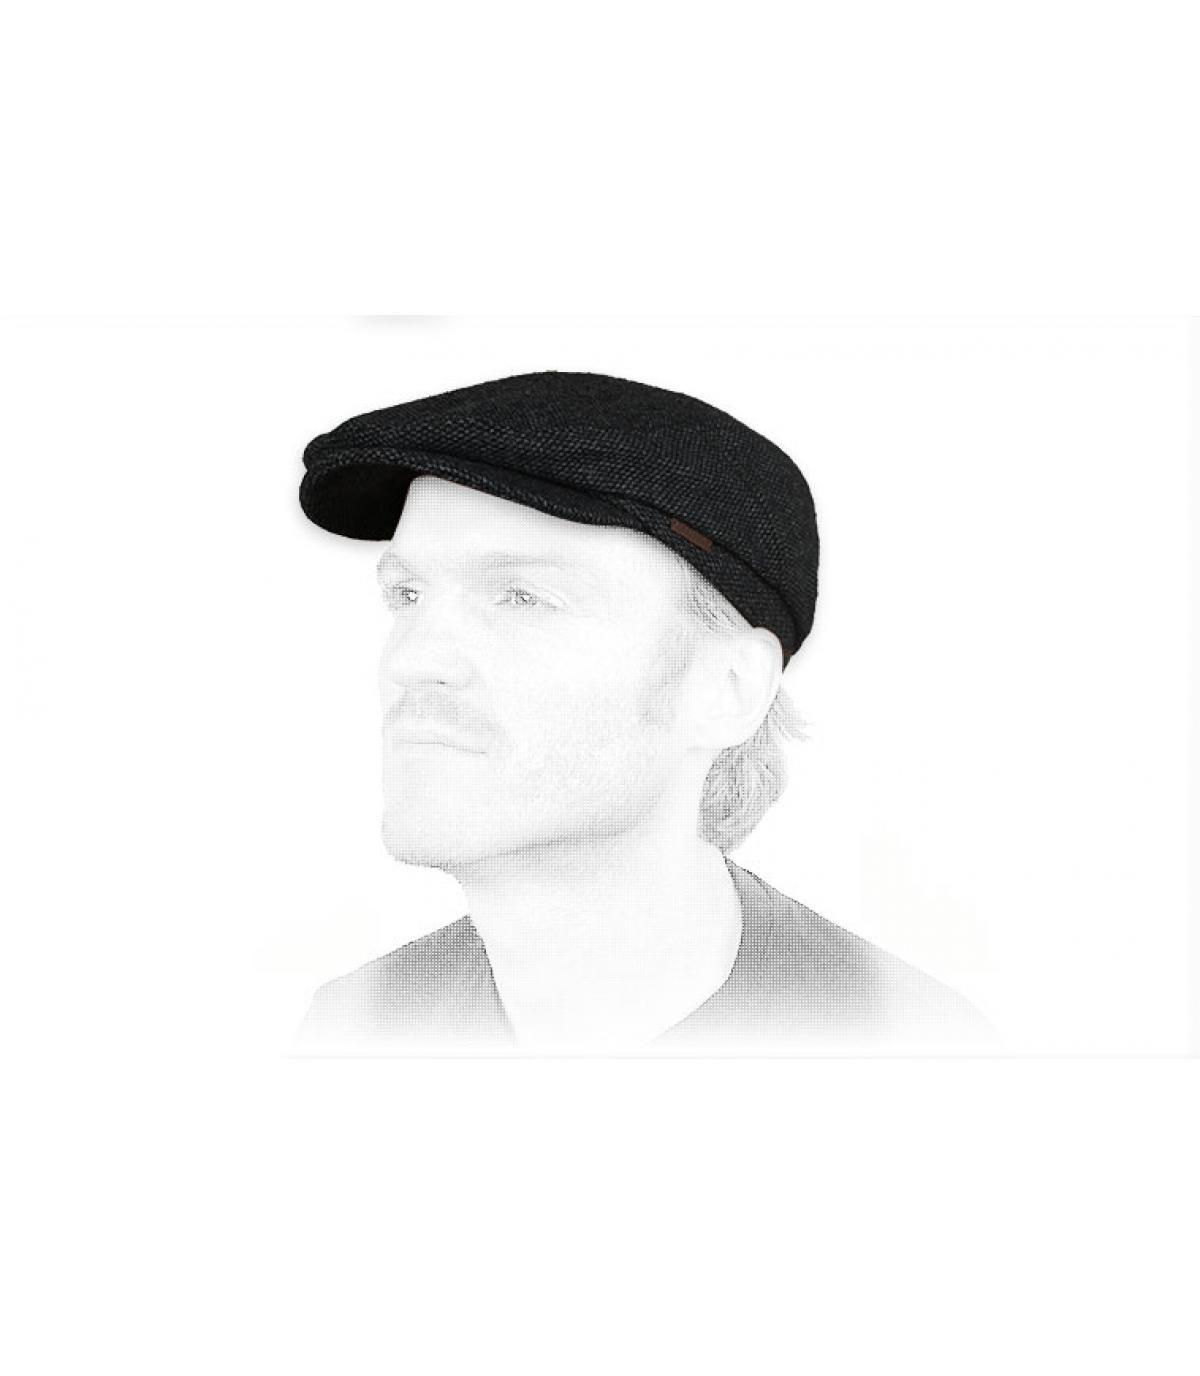 Détails Oslo Cap black - image 4